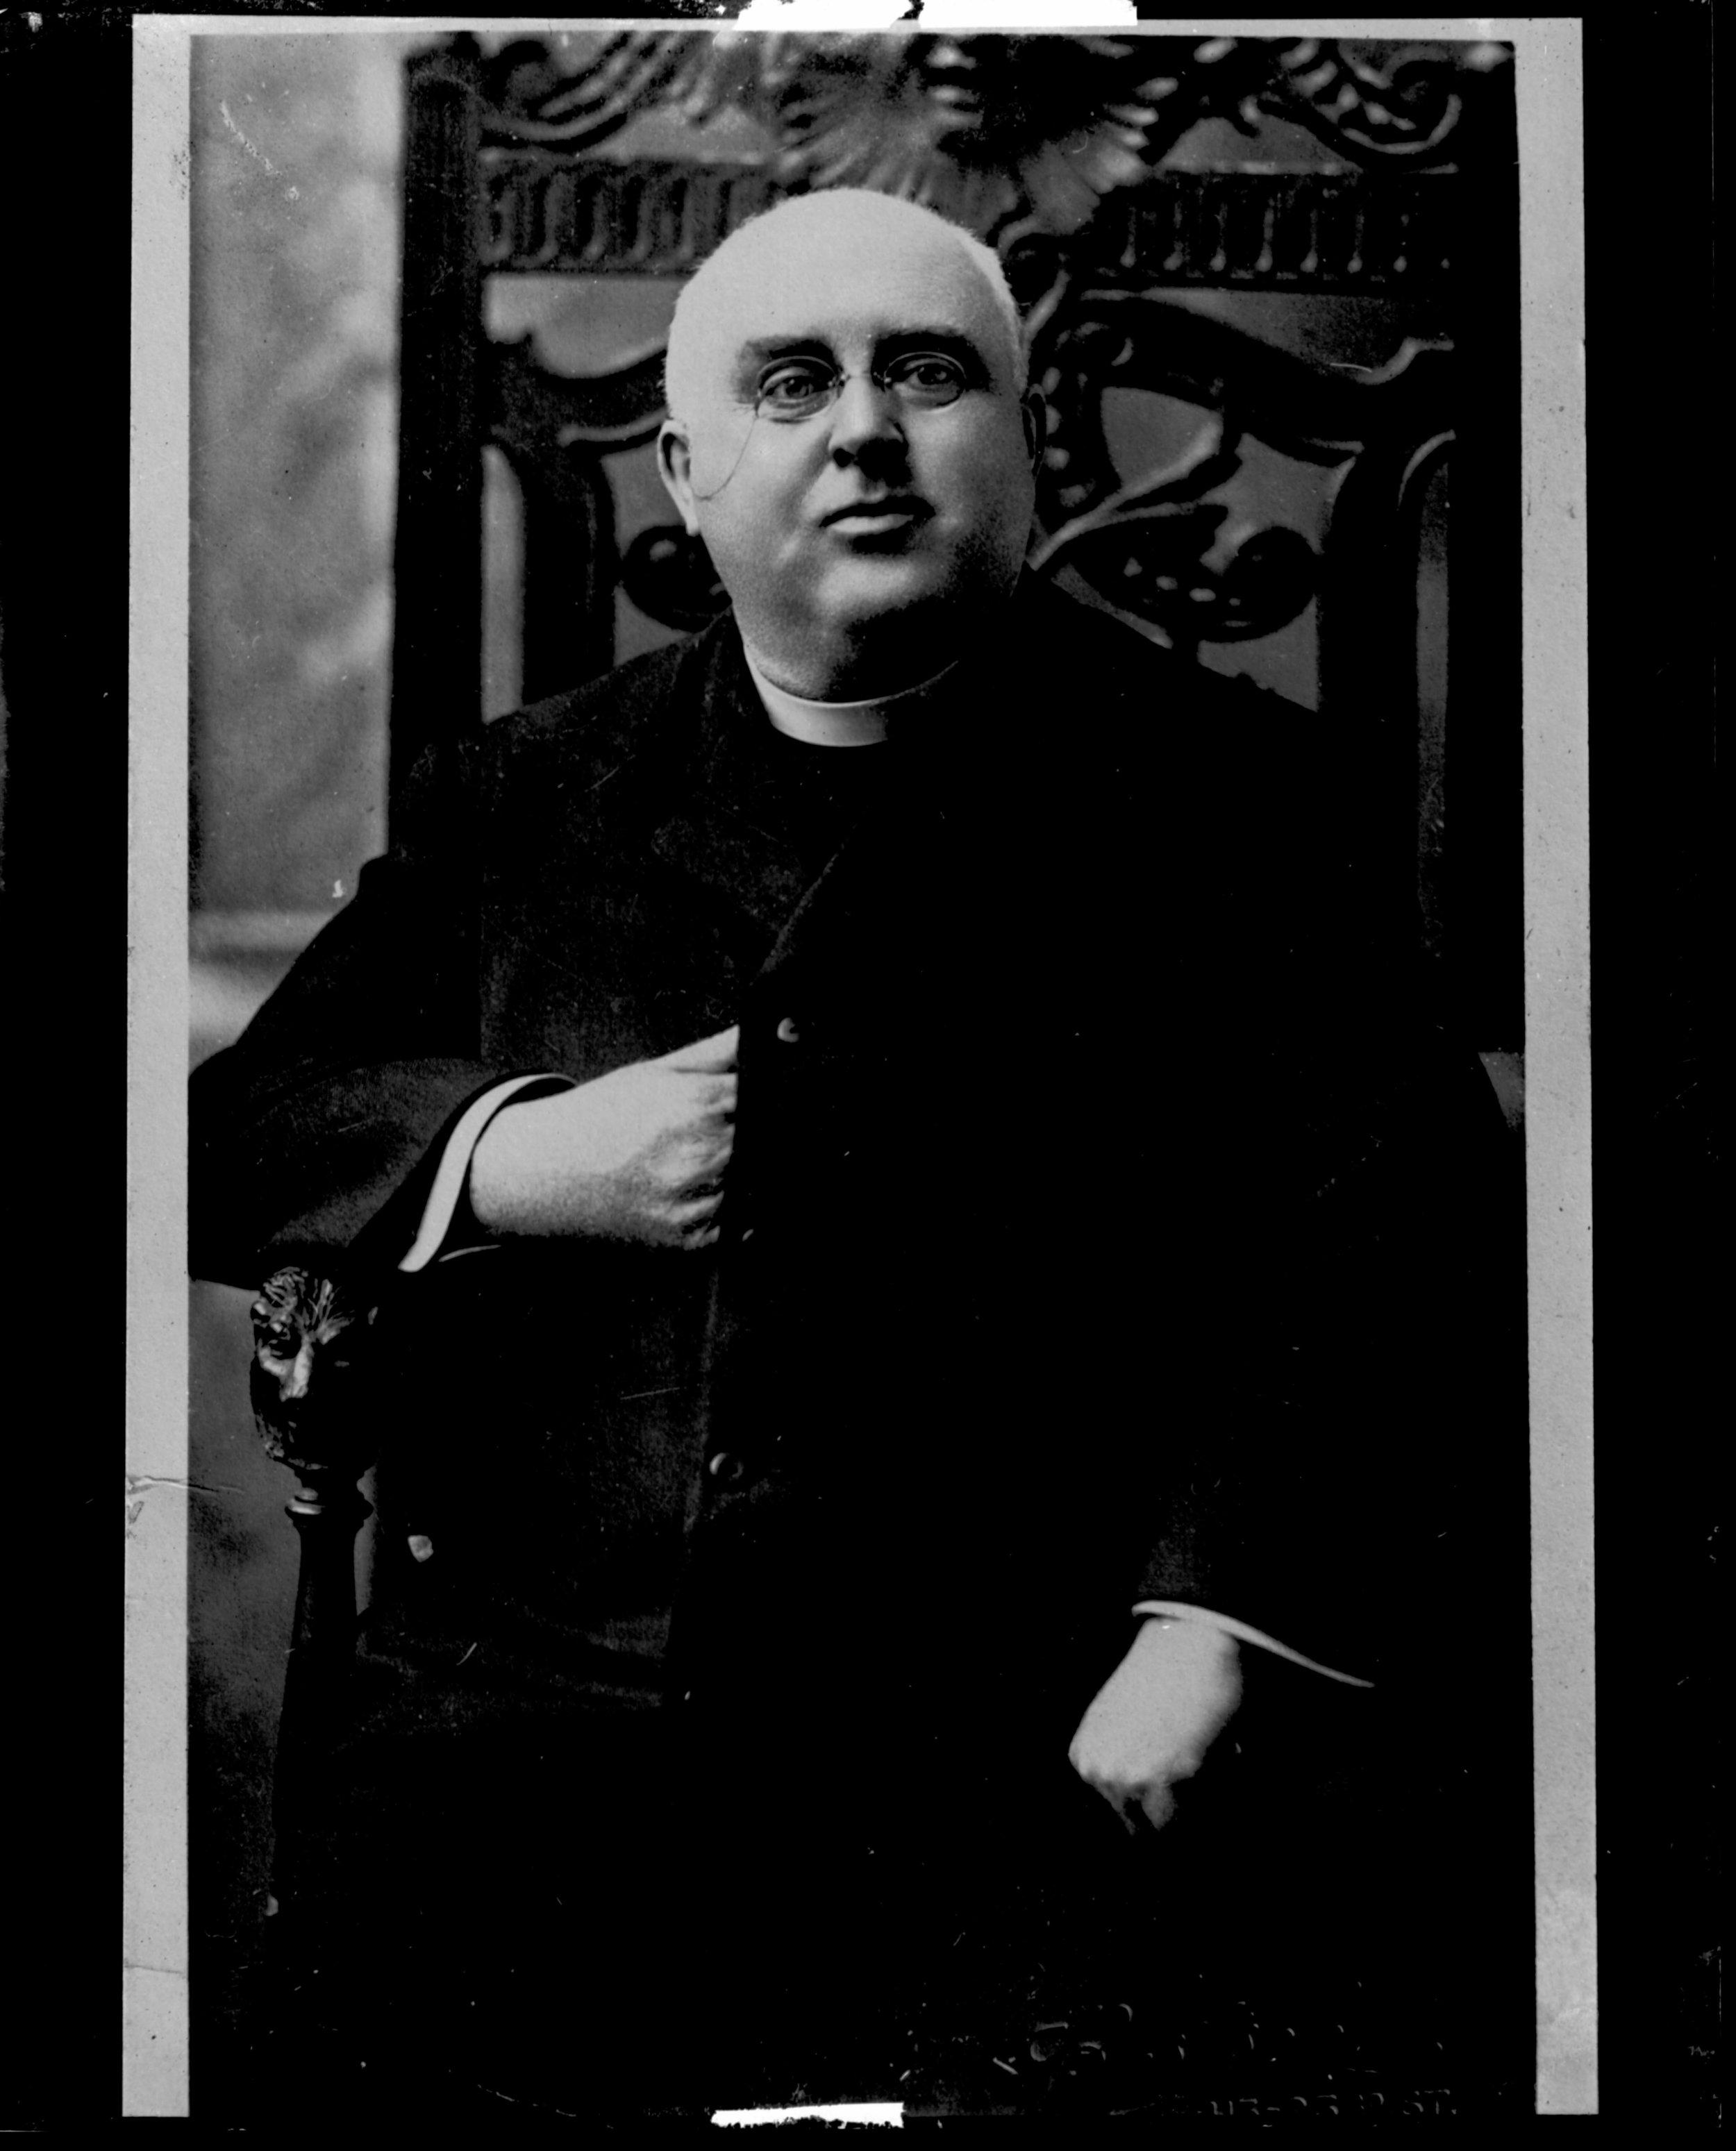 Fr. John Fr. Lockney, founding pastor of Sacred Heart